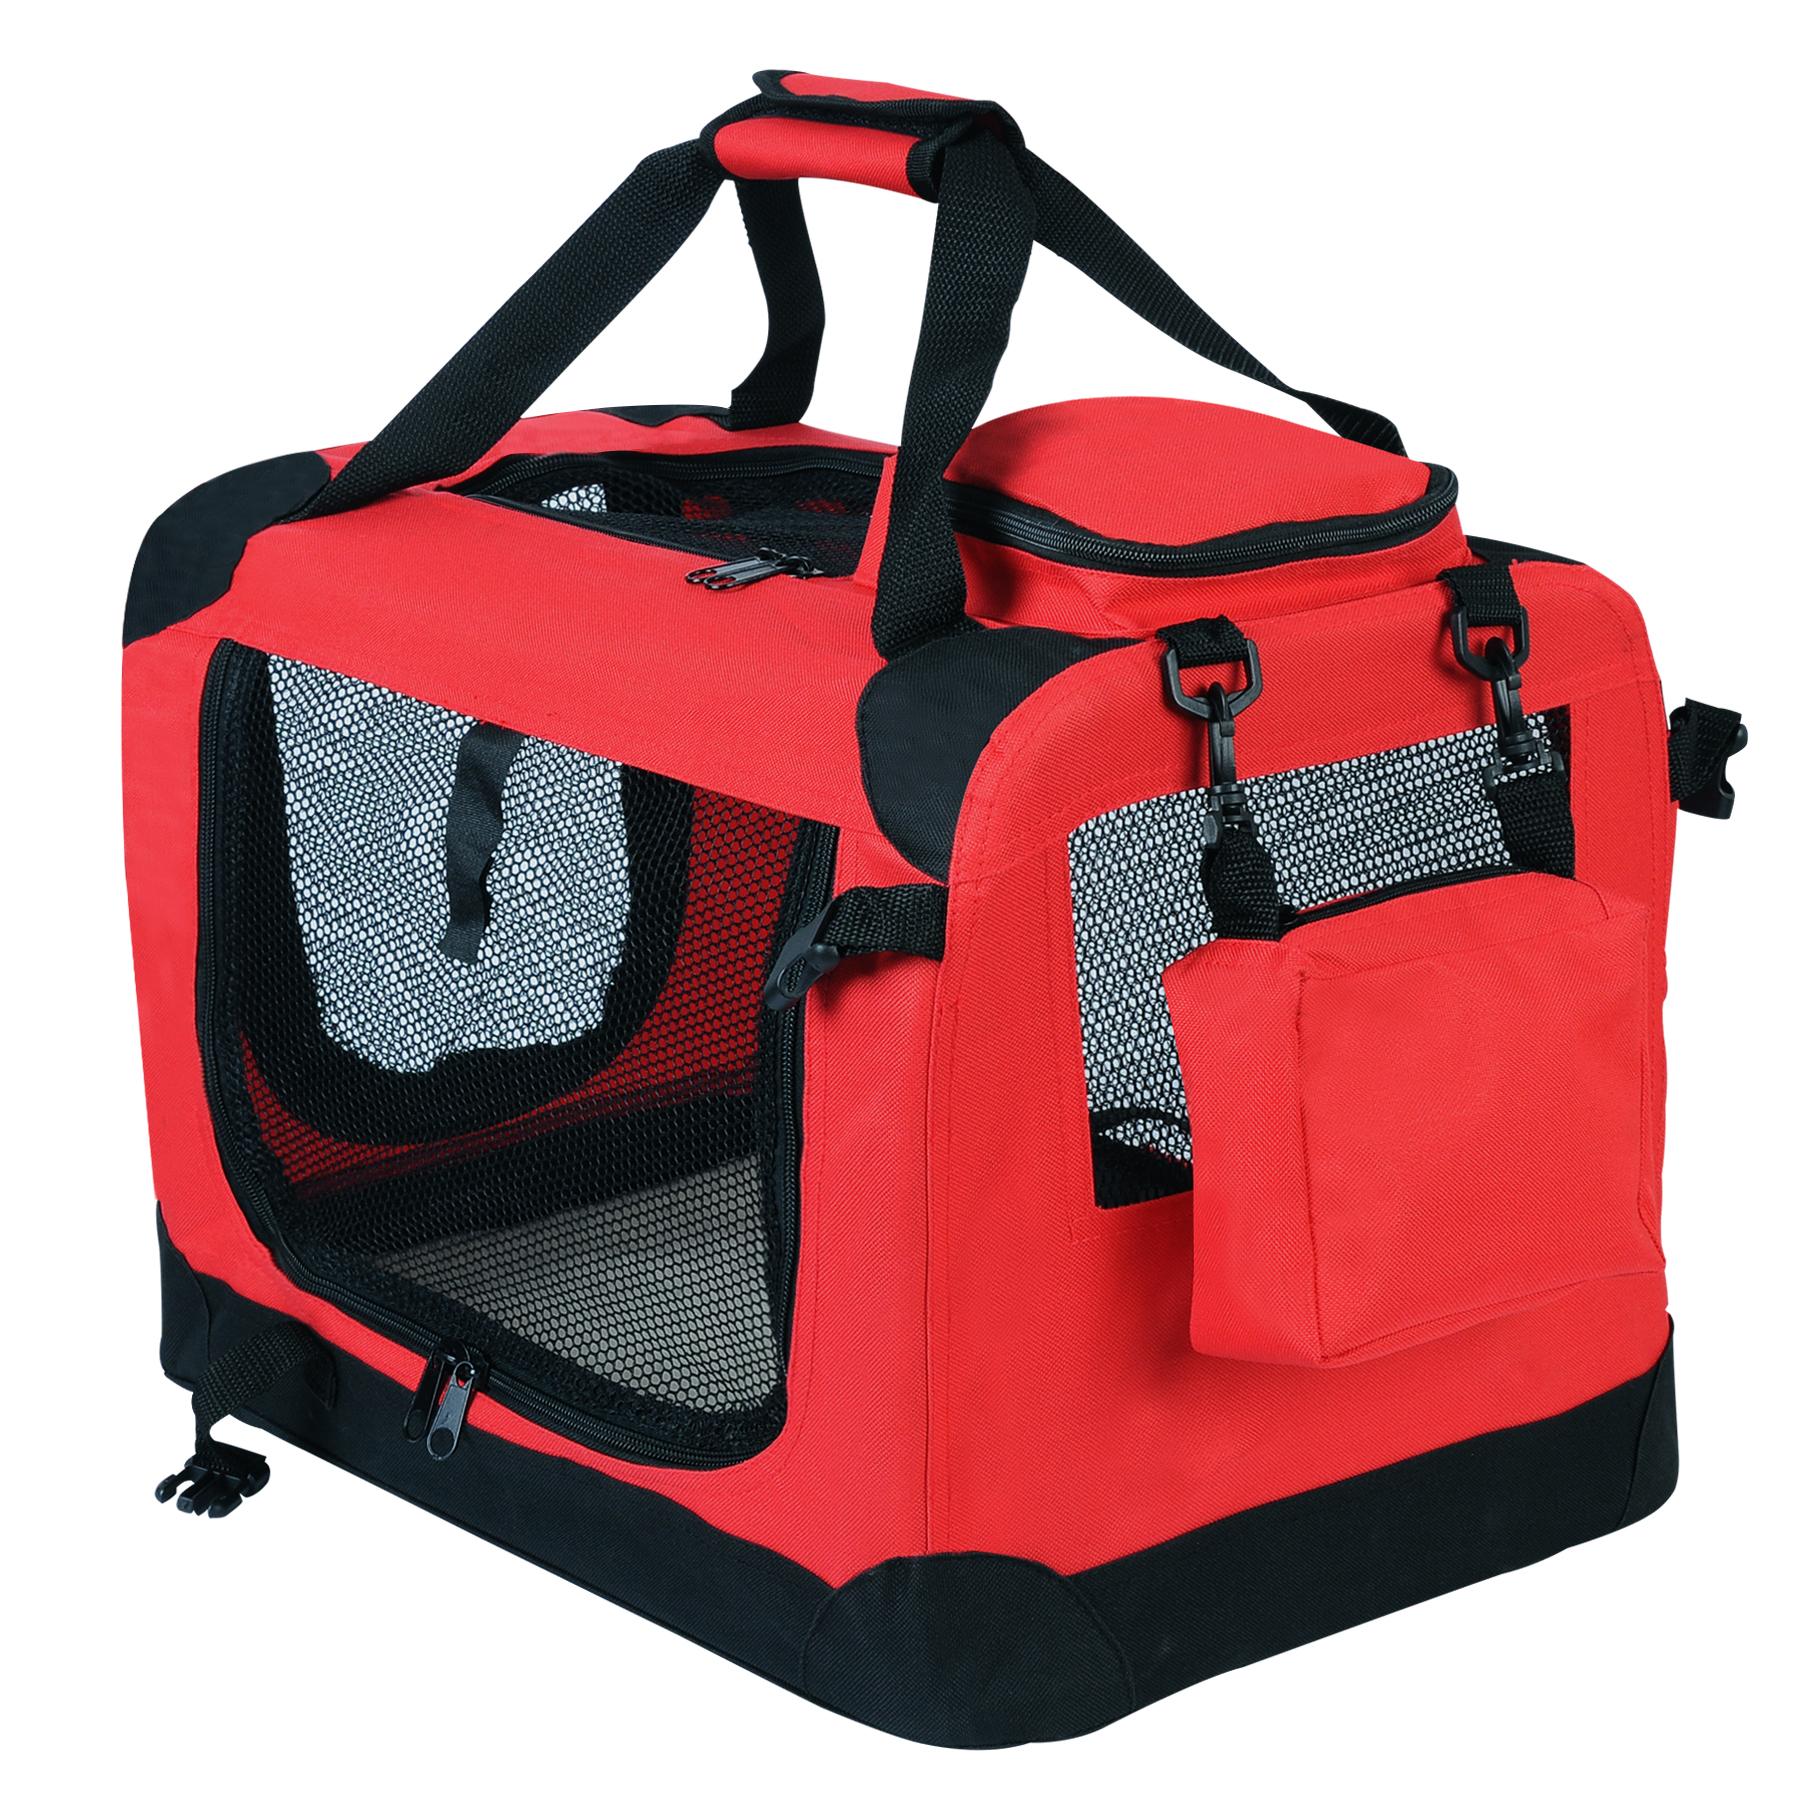 Caisse de transport pliable pour chien sac de transport for Sac de ragreage exterieur